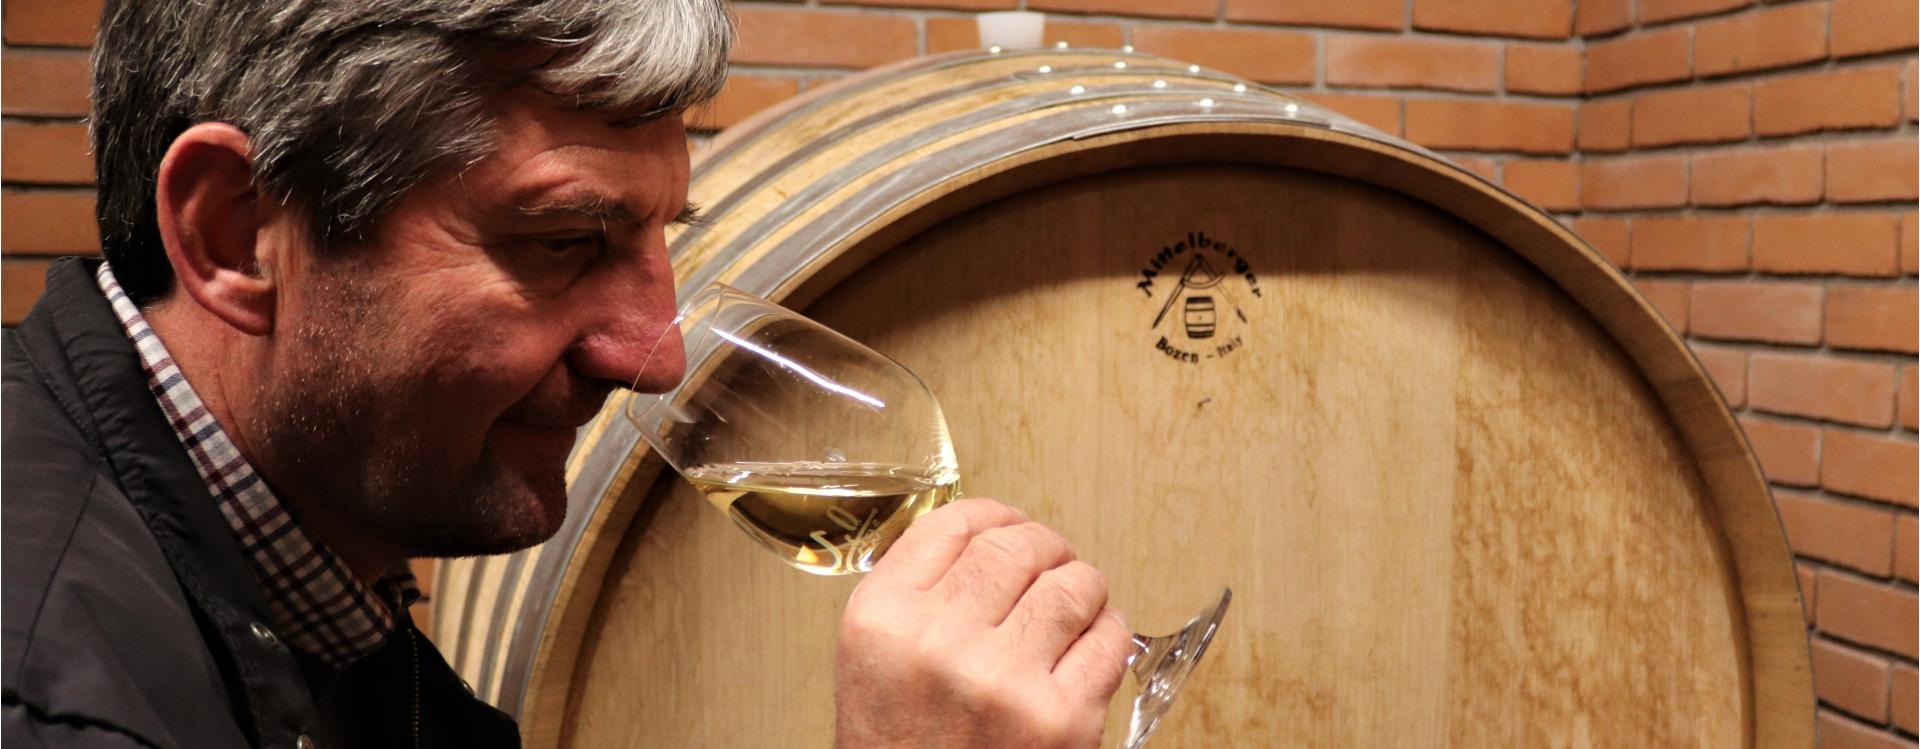 Dorfmann Thomas Weinverkostung vor dem Holzfass